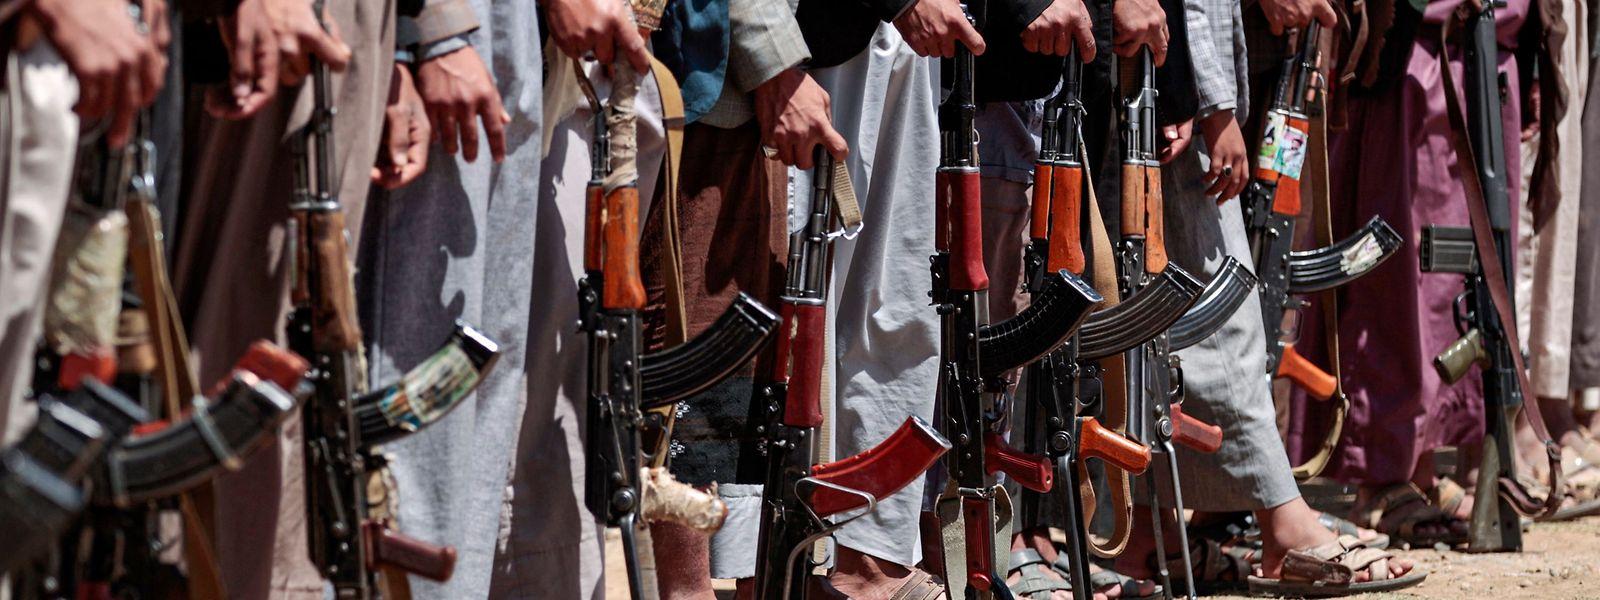 Im Jemen kämpft ein von Saudi-Arabien geführtes Militärbündnis an der Seite der Regierung gegen die vom Iran unterstützten Huthi-Rebellen.